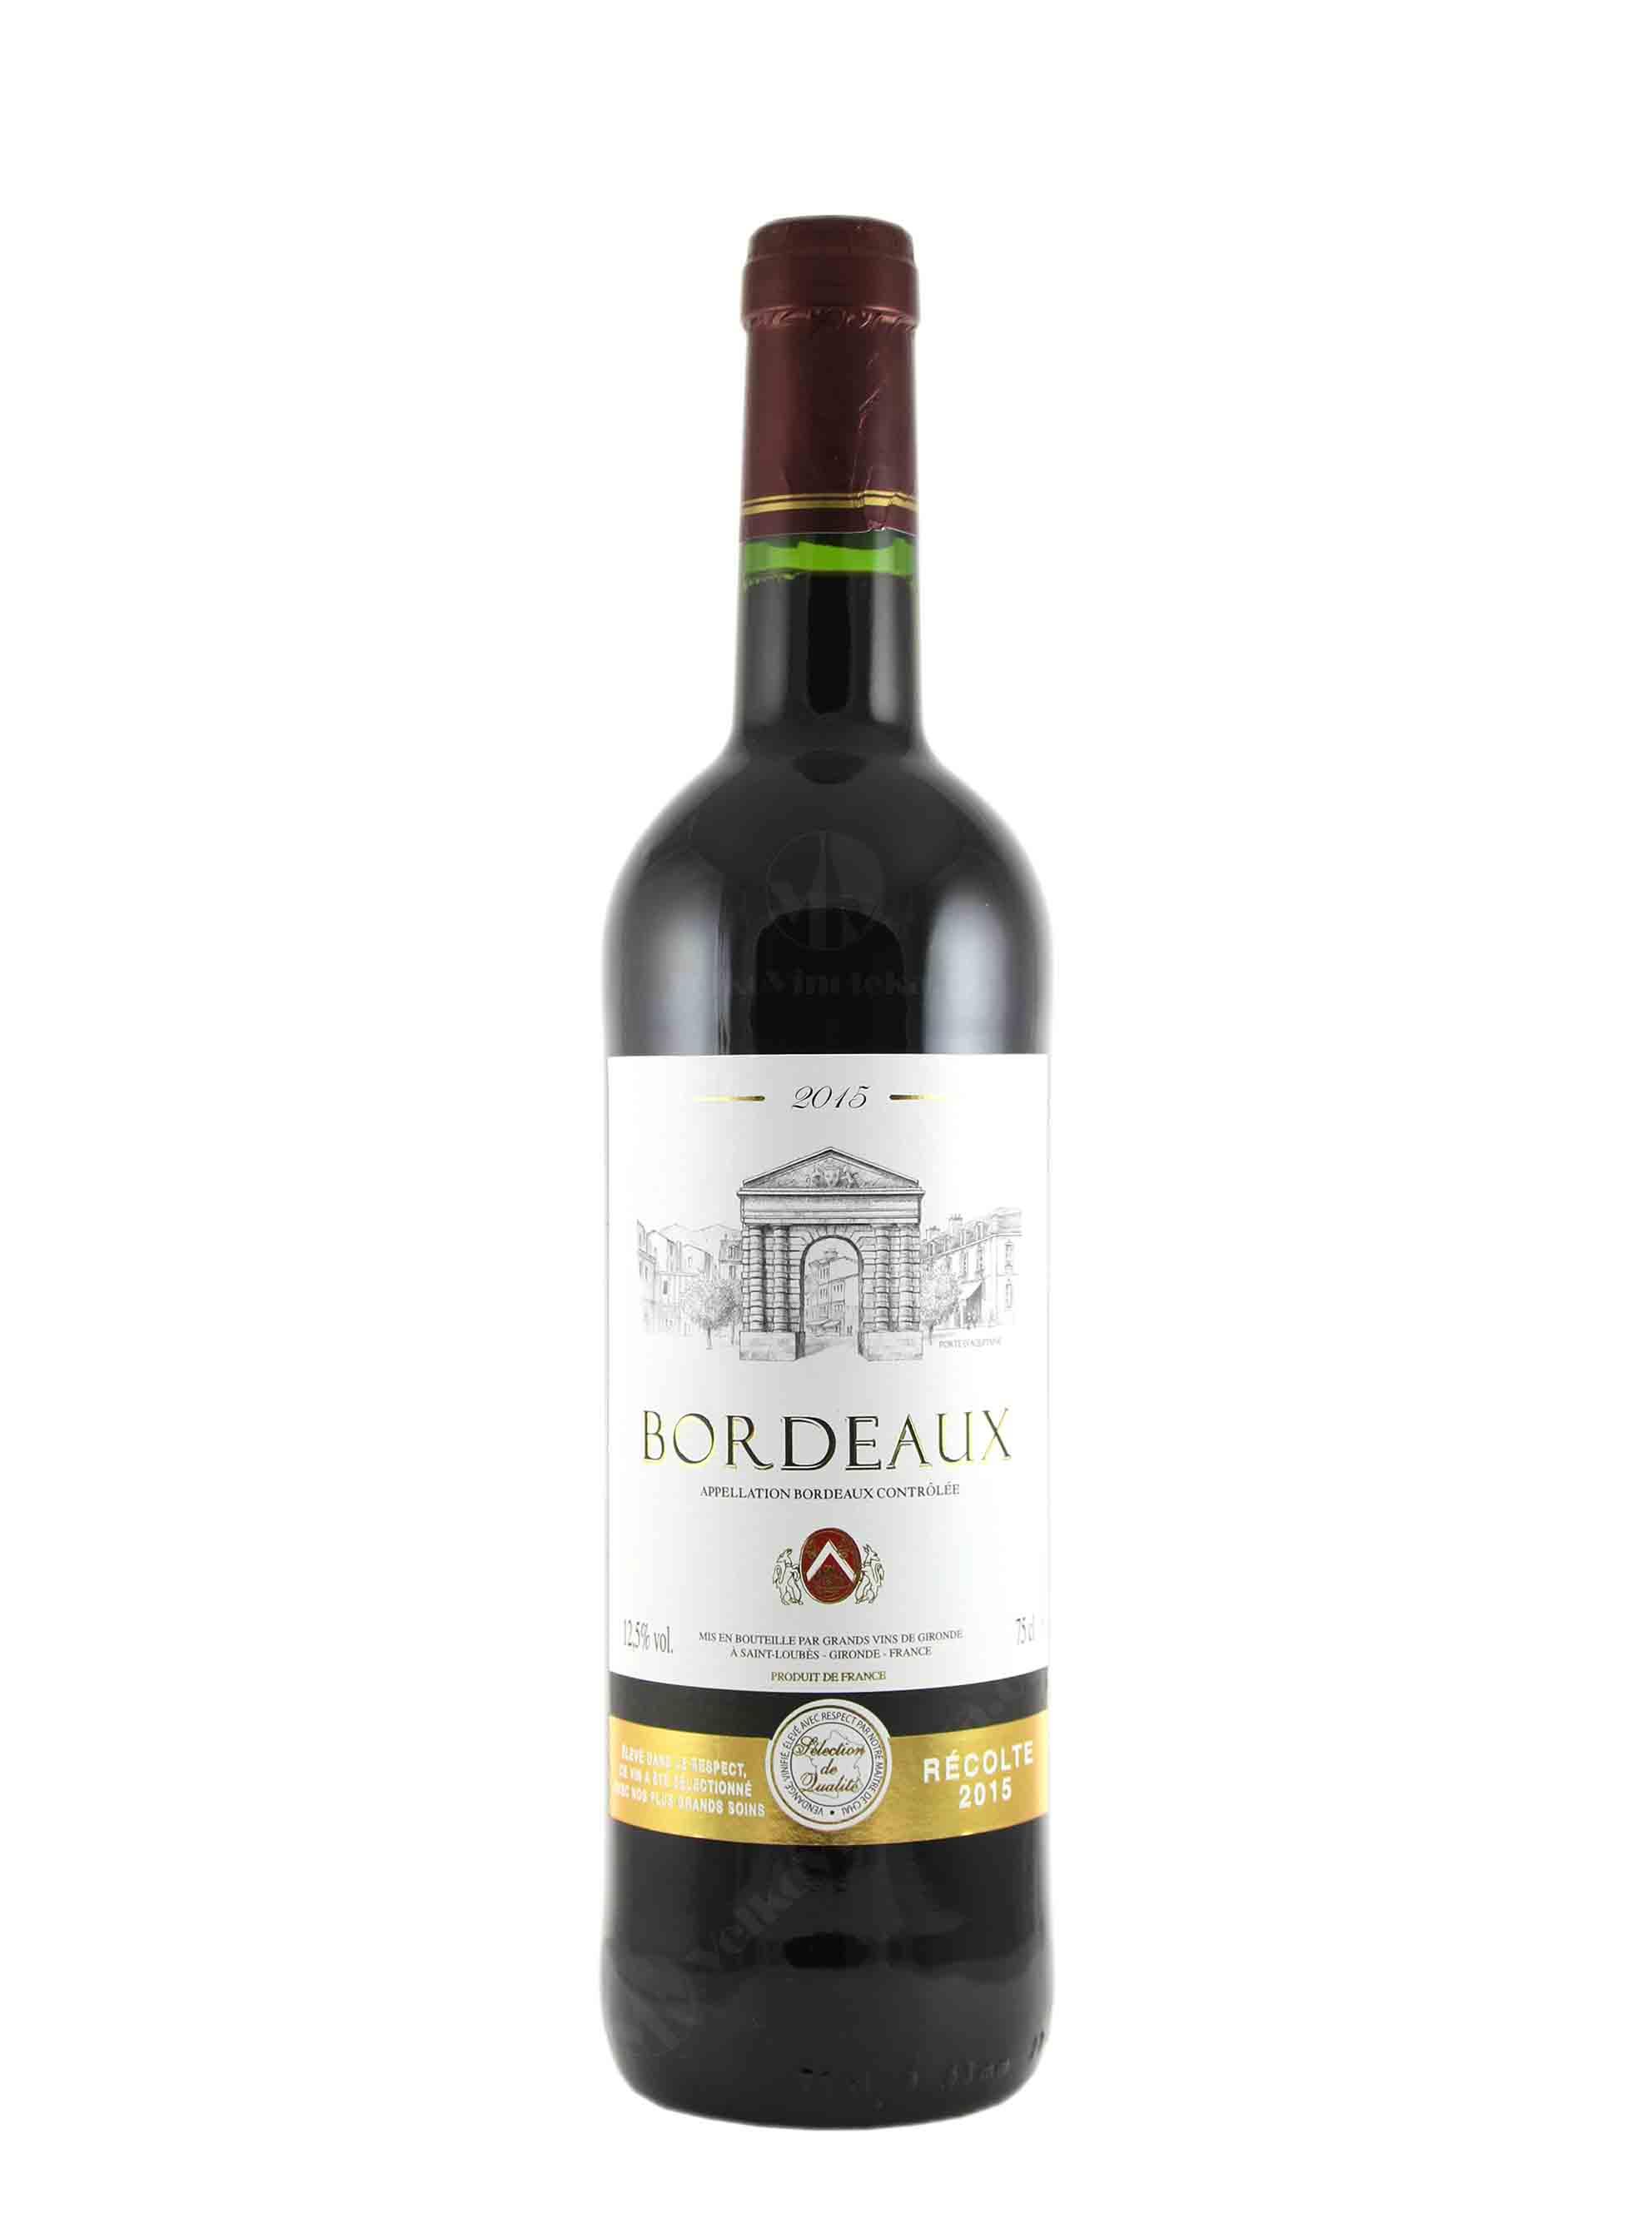 Cuvée, AOC, 2015, Grands Vins de Gironde, 0.75 l